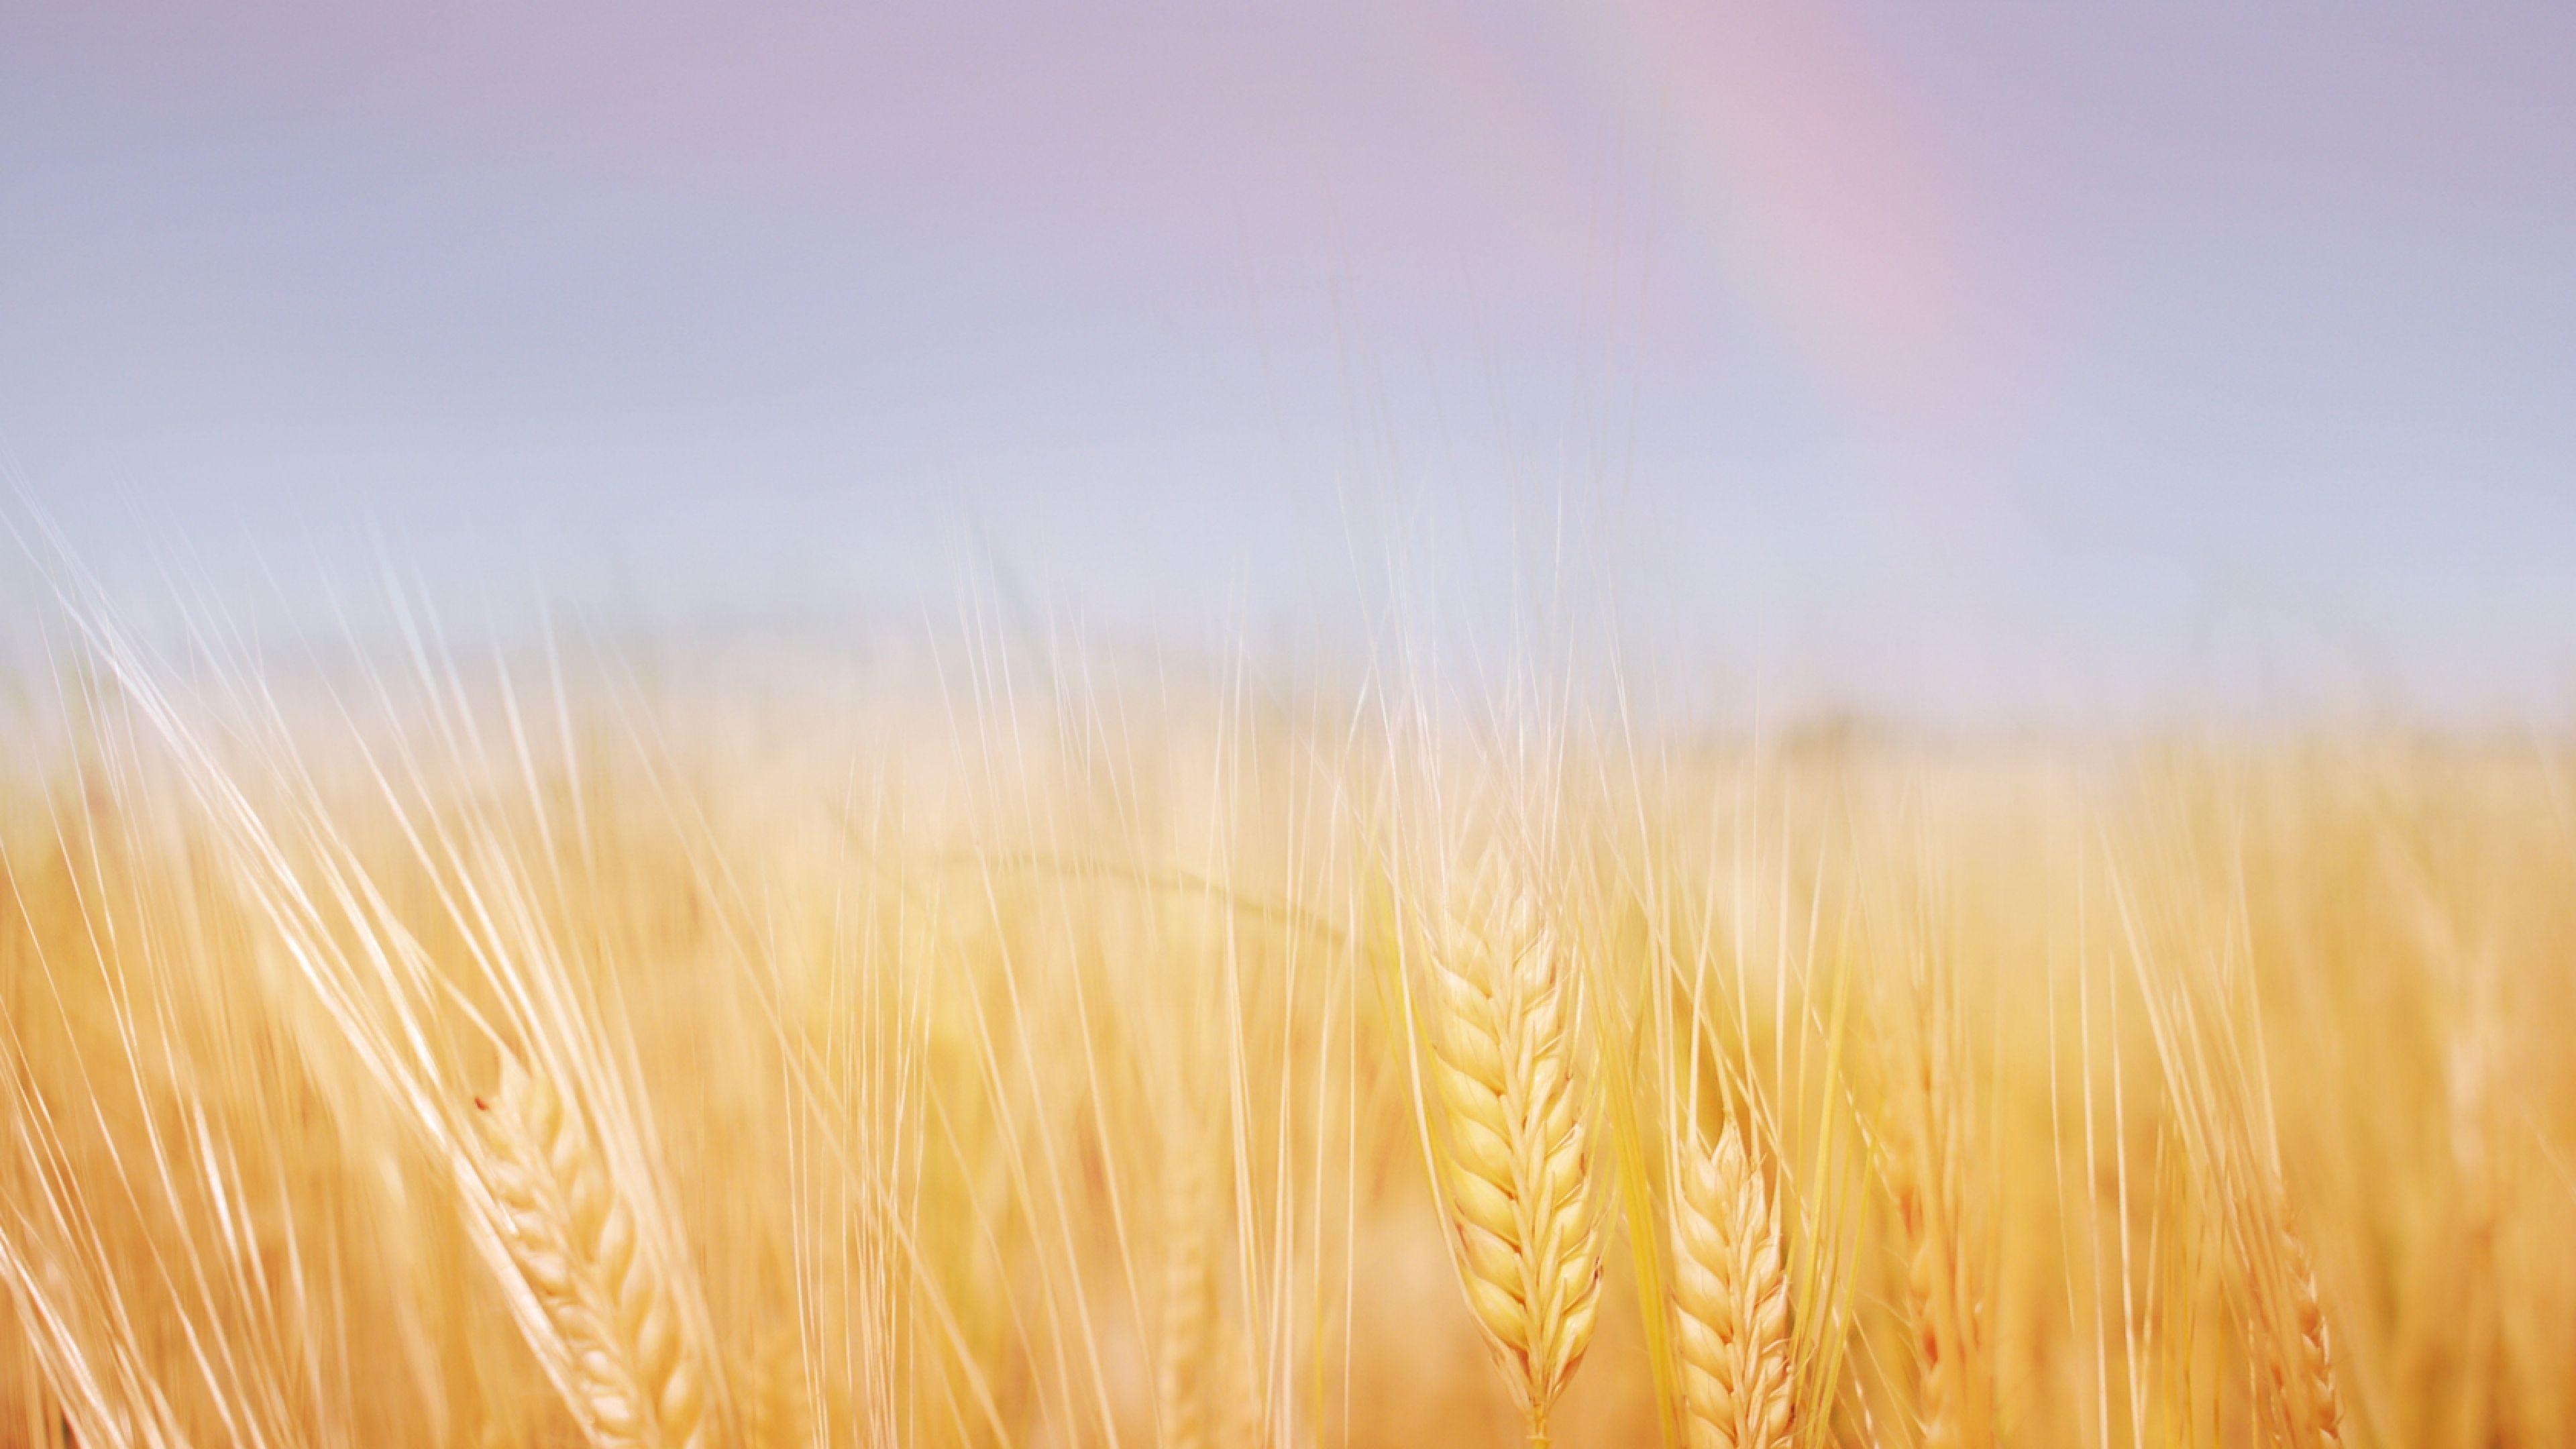 Download Wallpaper 3840x2160 Ears Field Wheat Gold Sky Rainbow 4k Ultra Hd Hd Background Hd Wallpaper Nature Sky Rainbow Wallpaper Nature